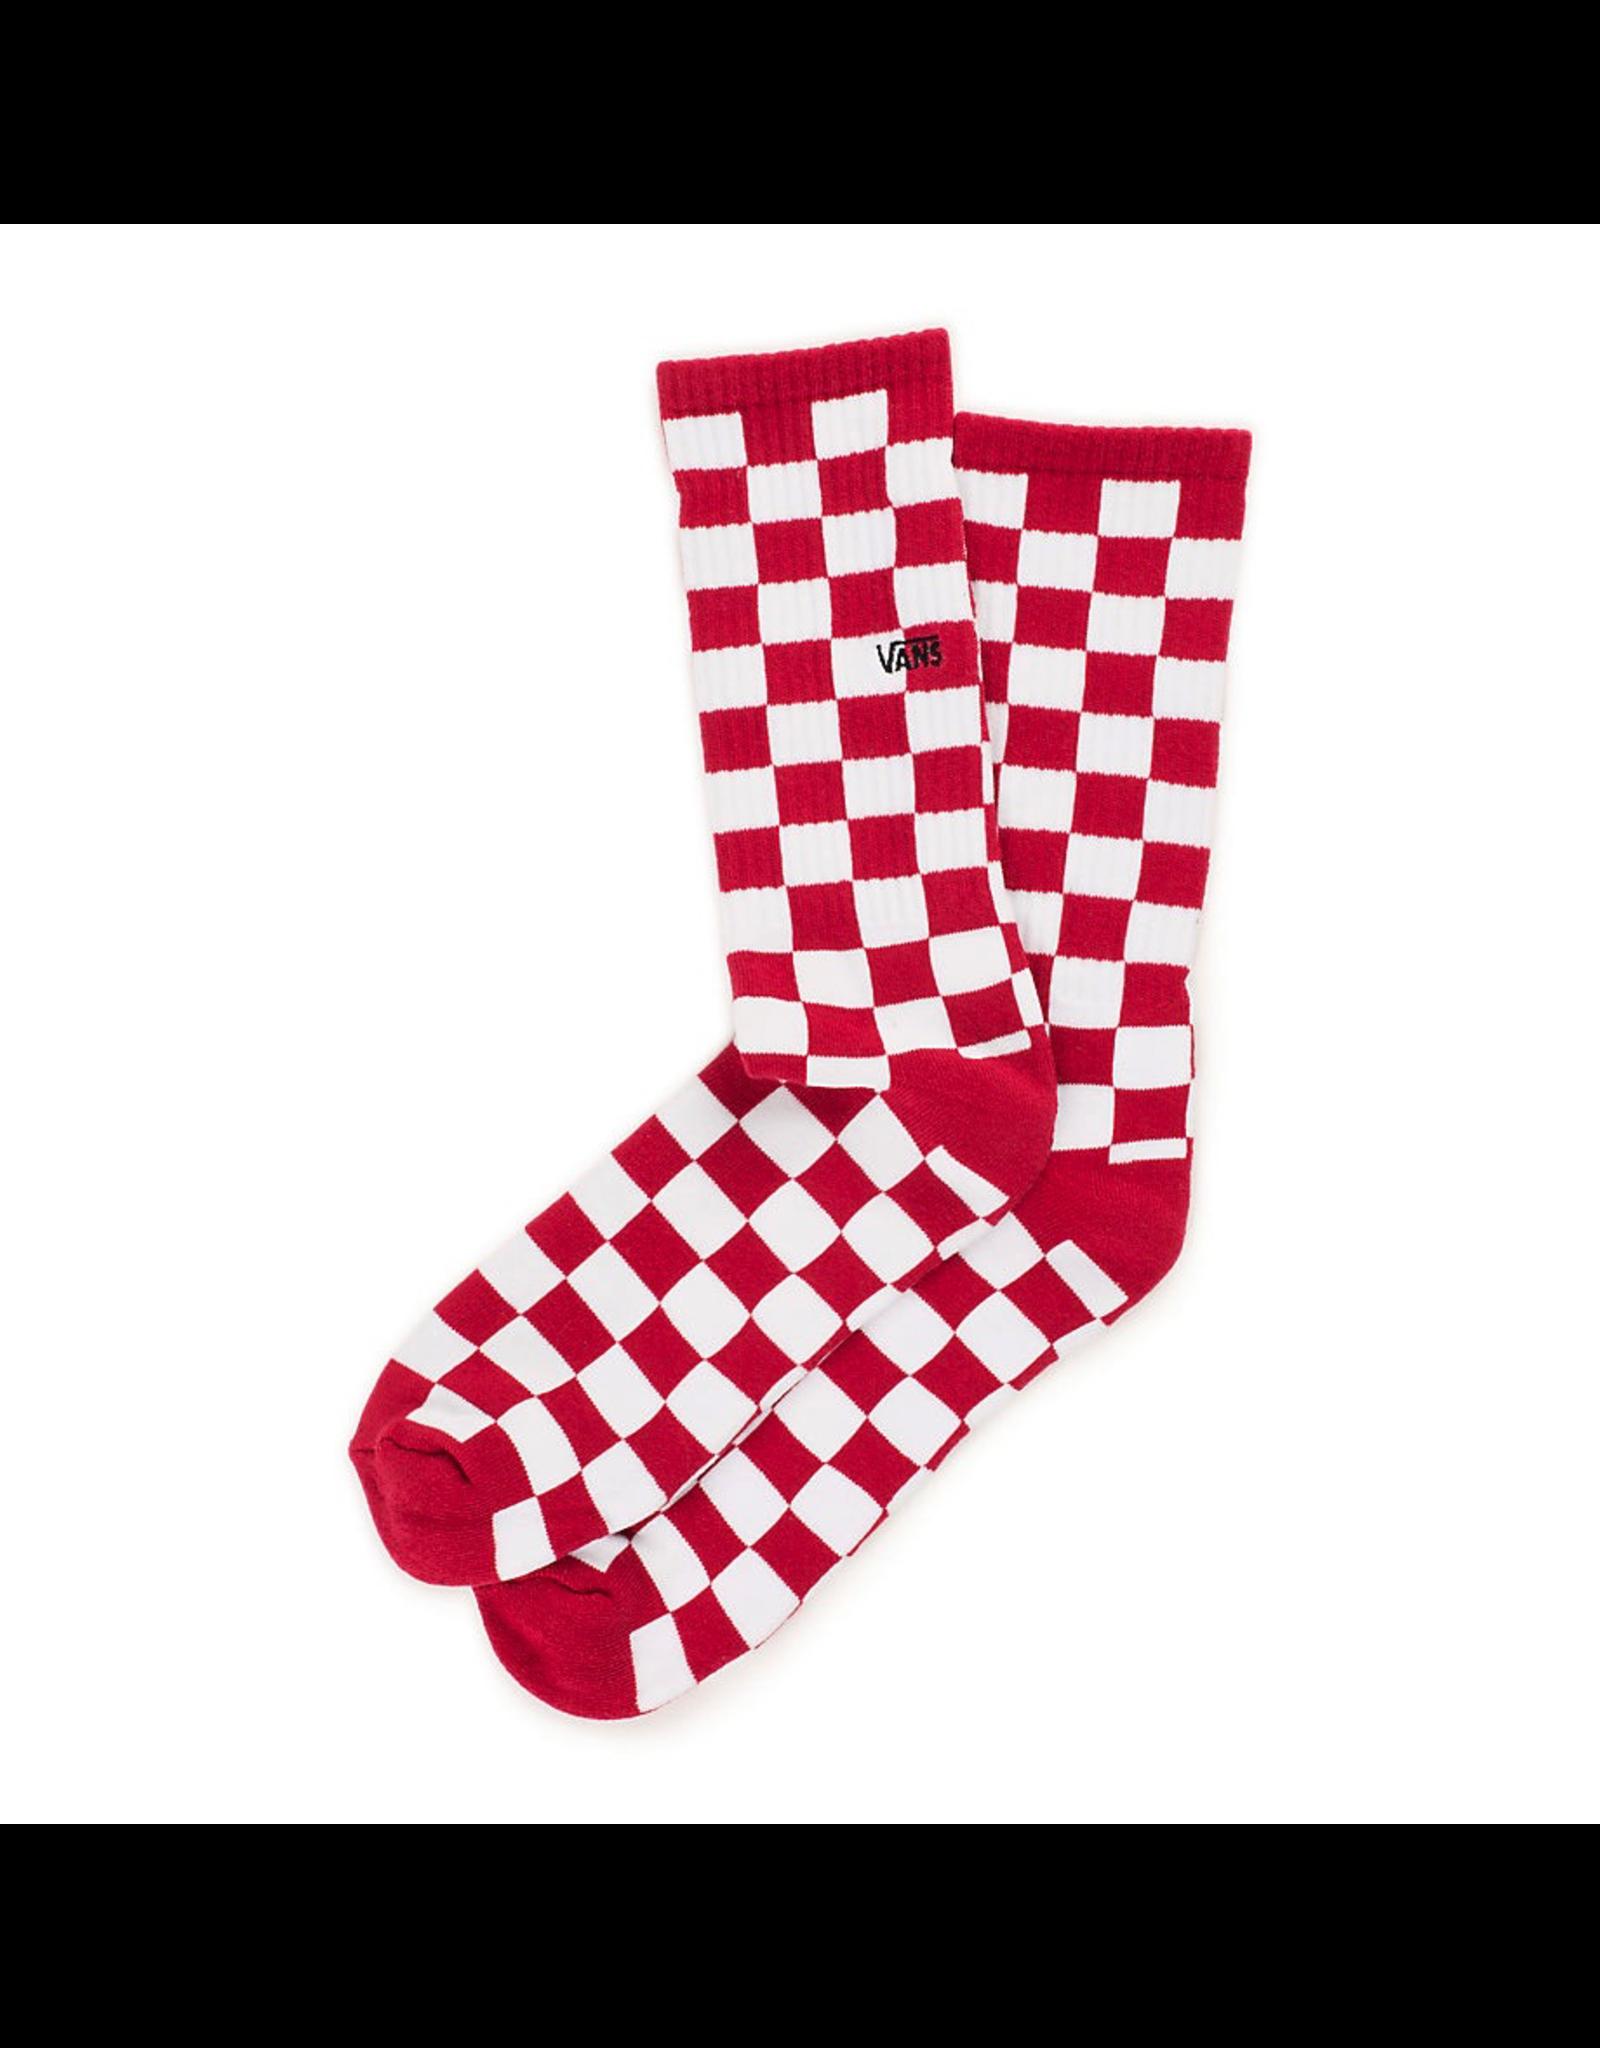 Vans Checkboard Crew II Sock